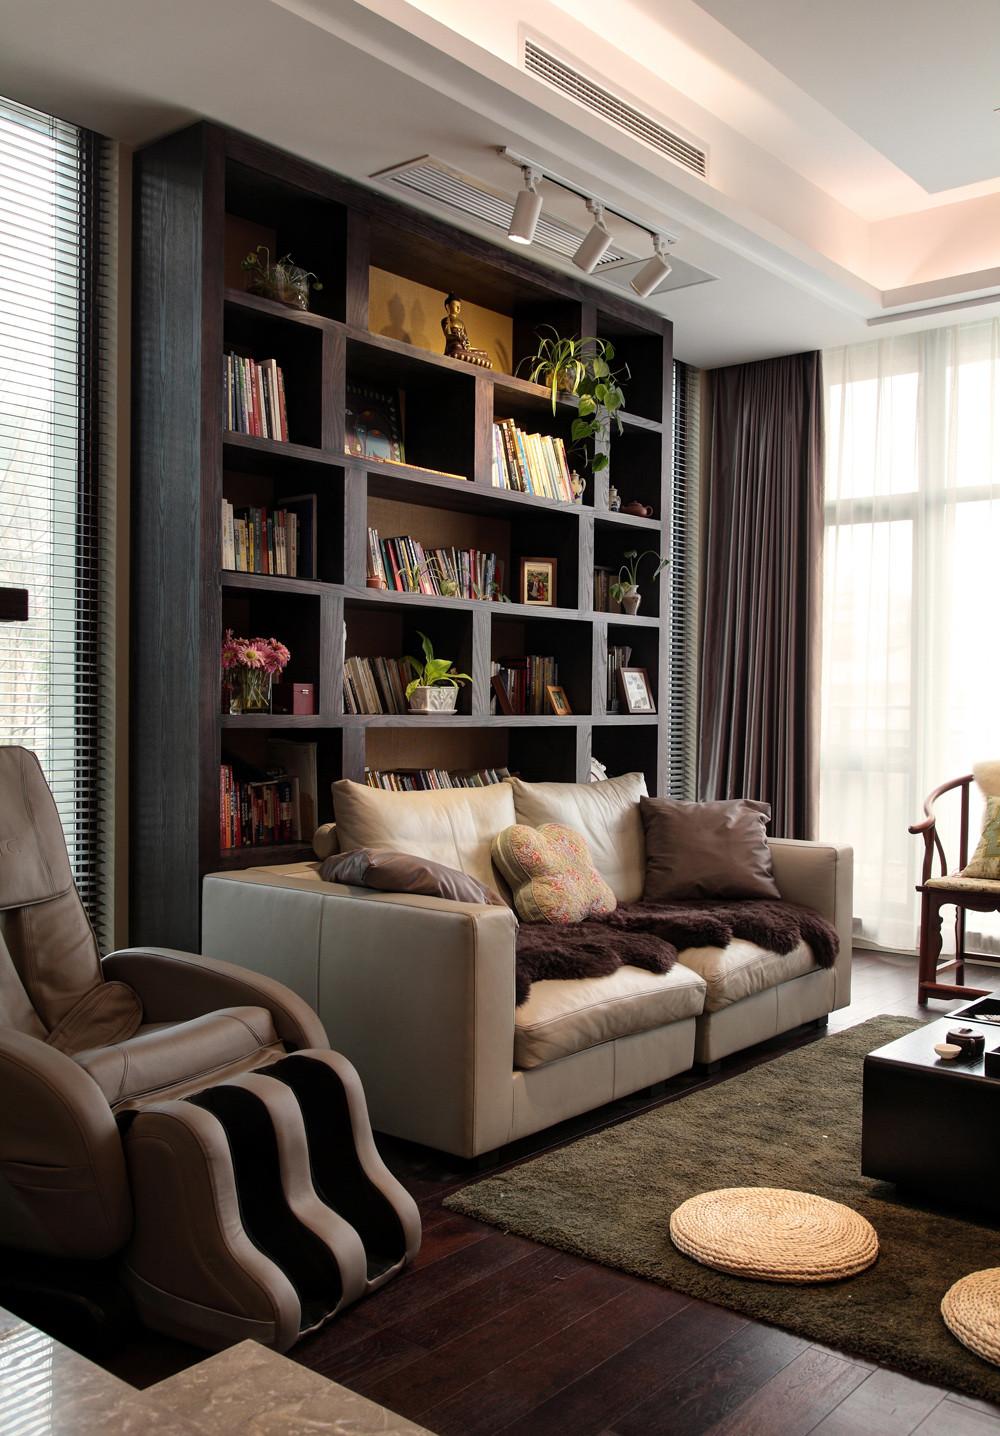 新中式别墅装修书架设计